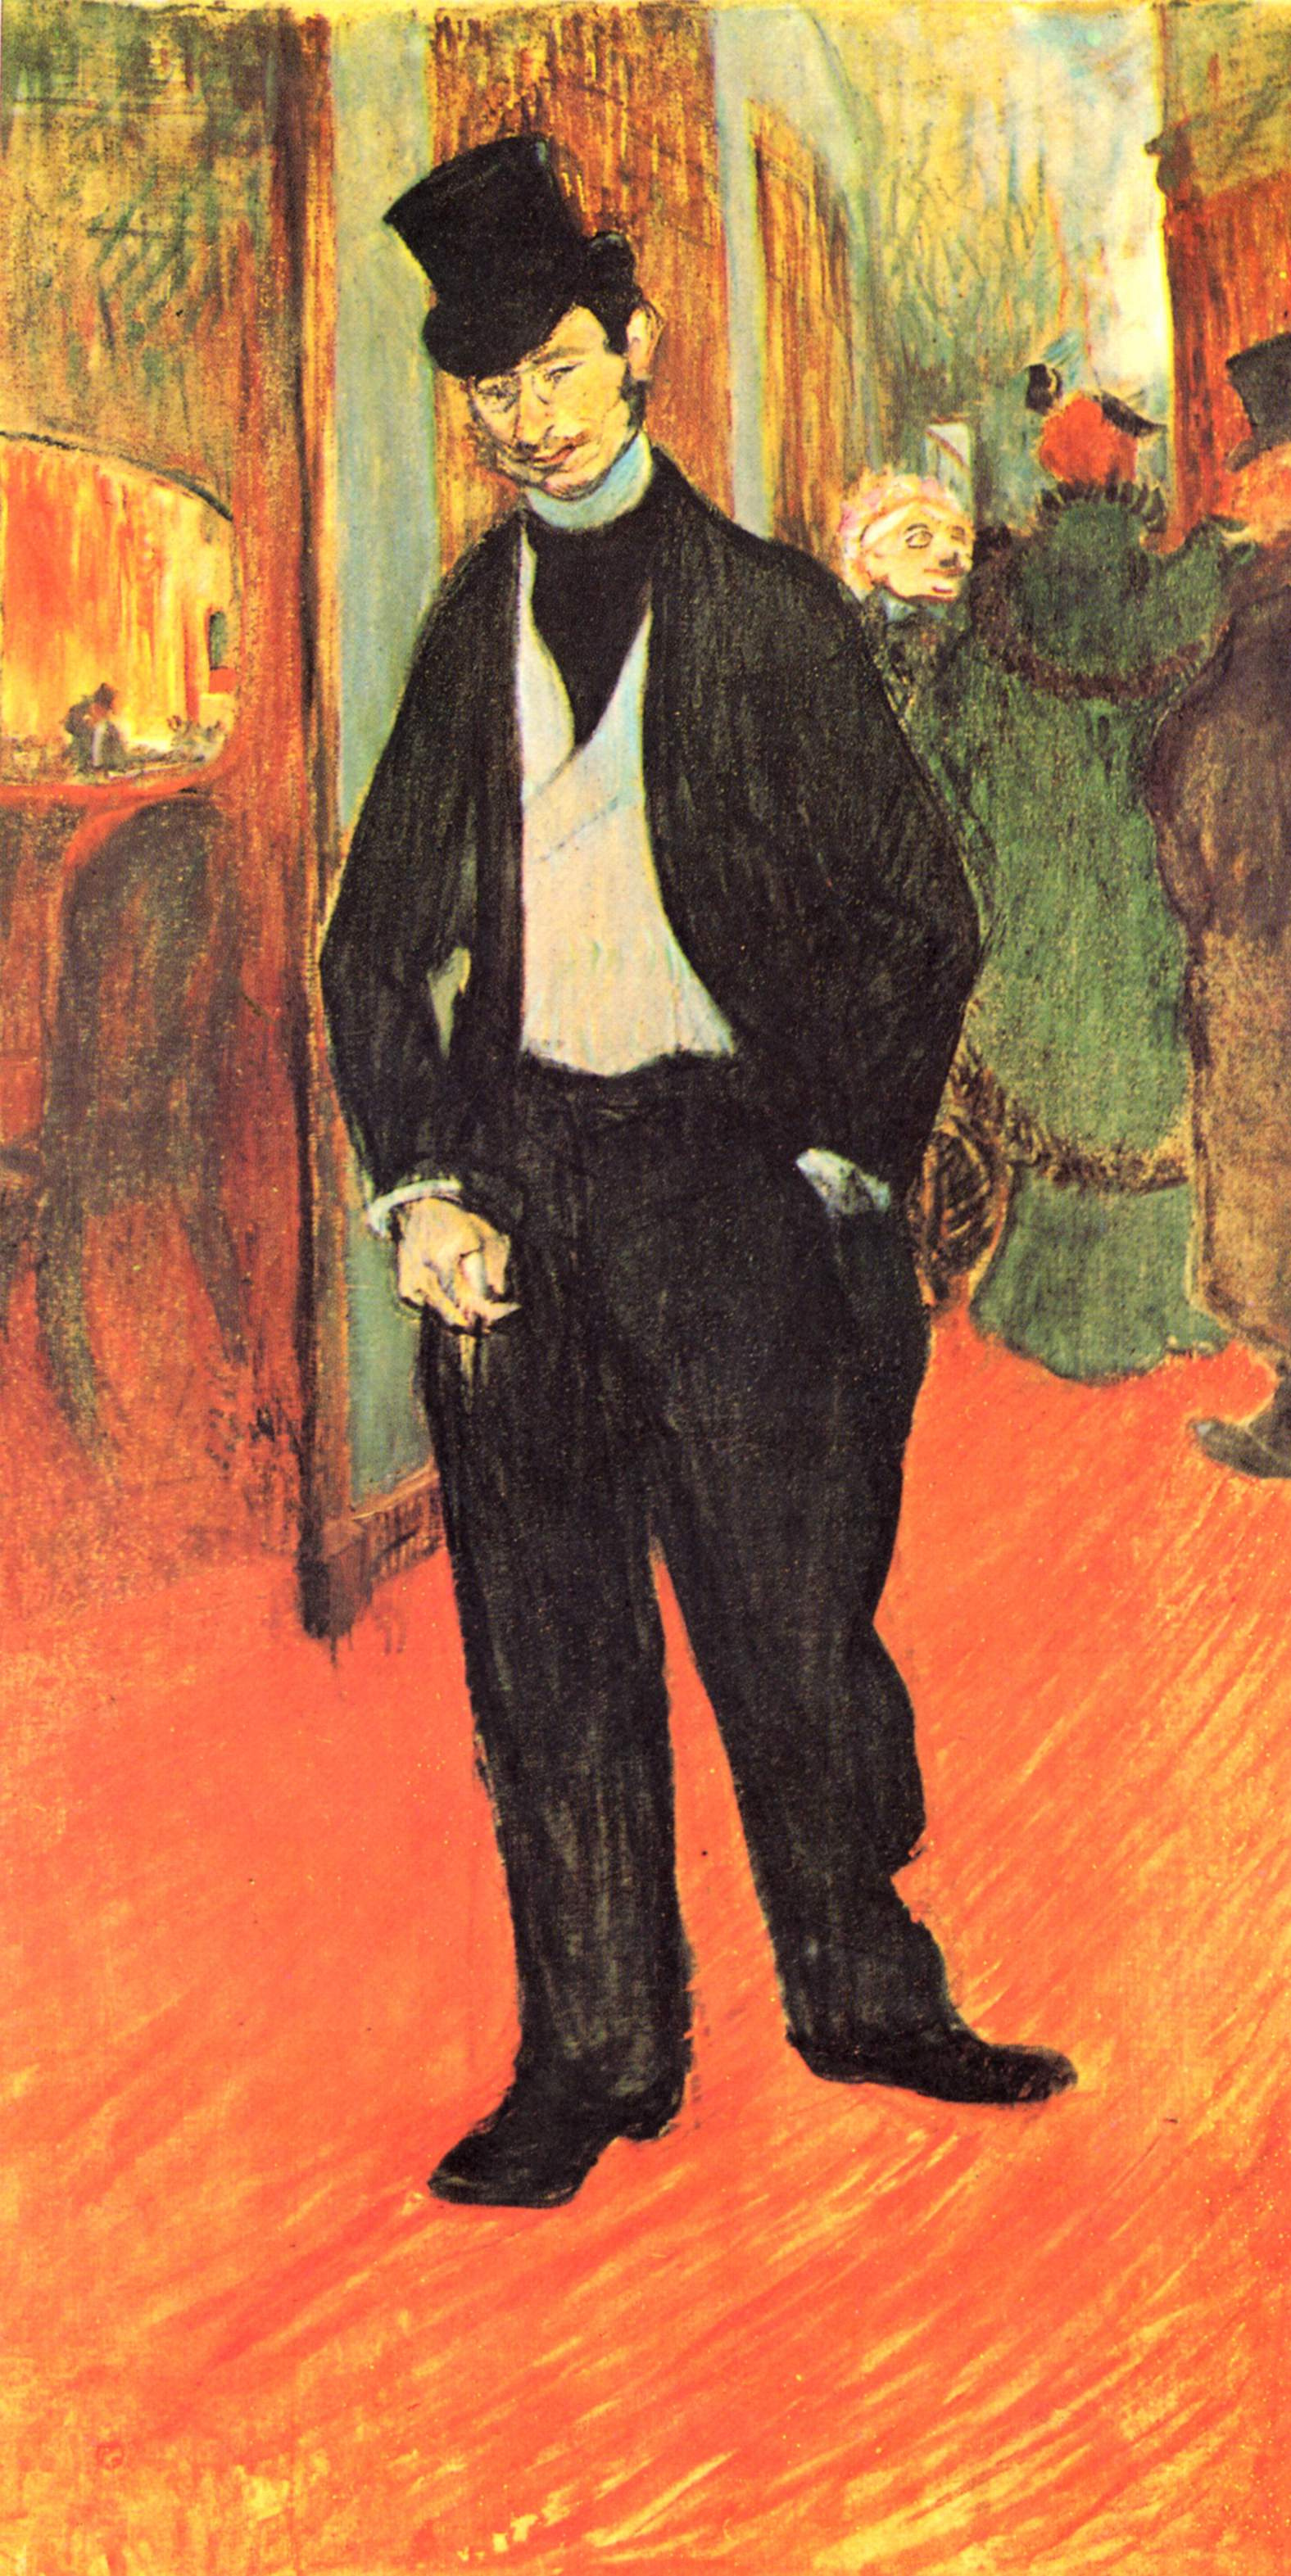 Henri de Toulouse-Lautrec. Dr. Tapie de Celeyran in the theater lobby